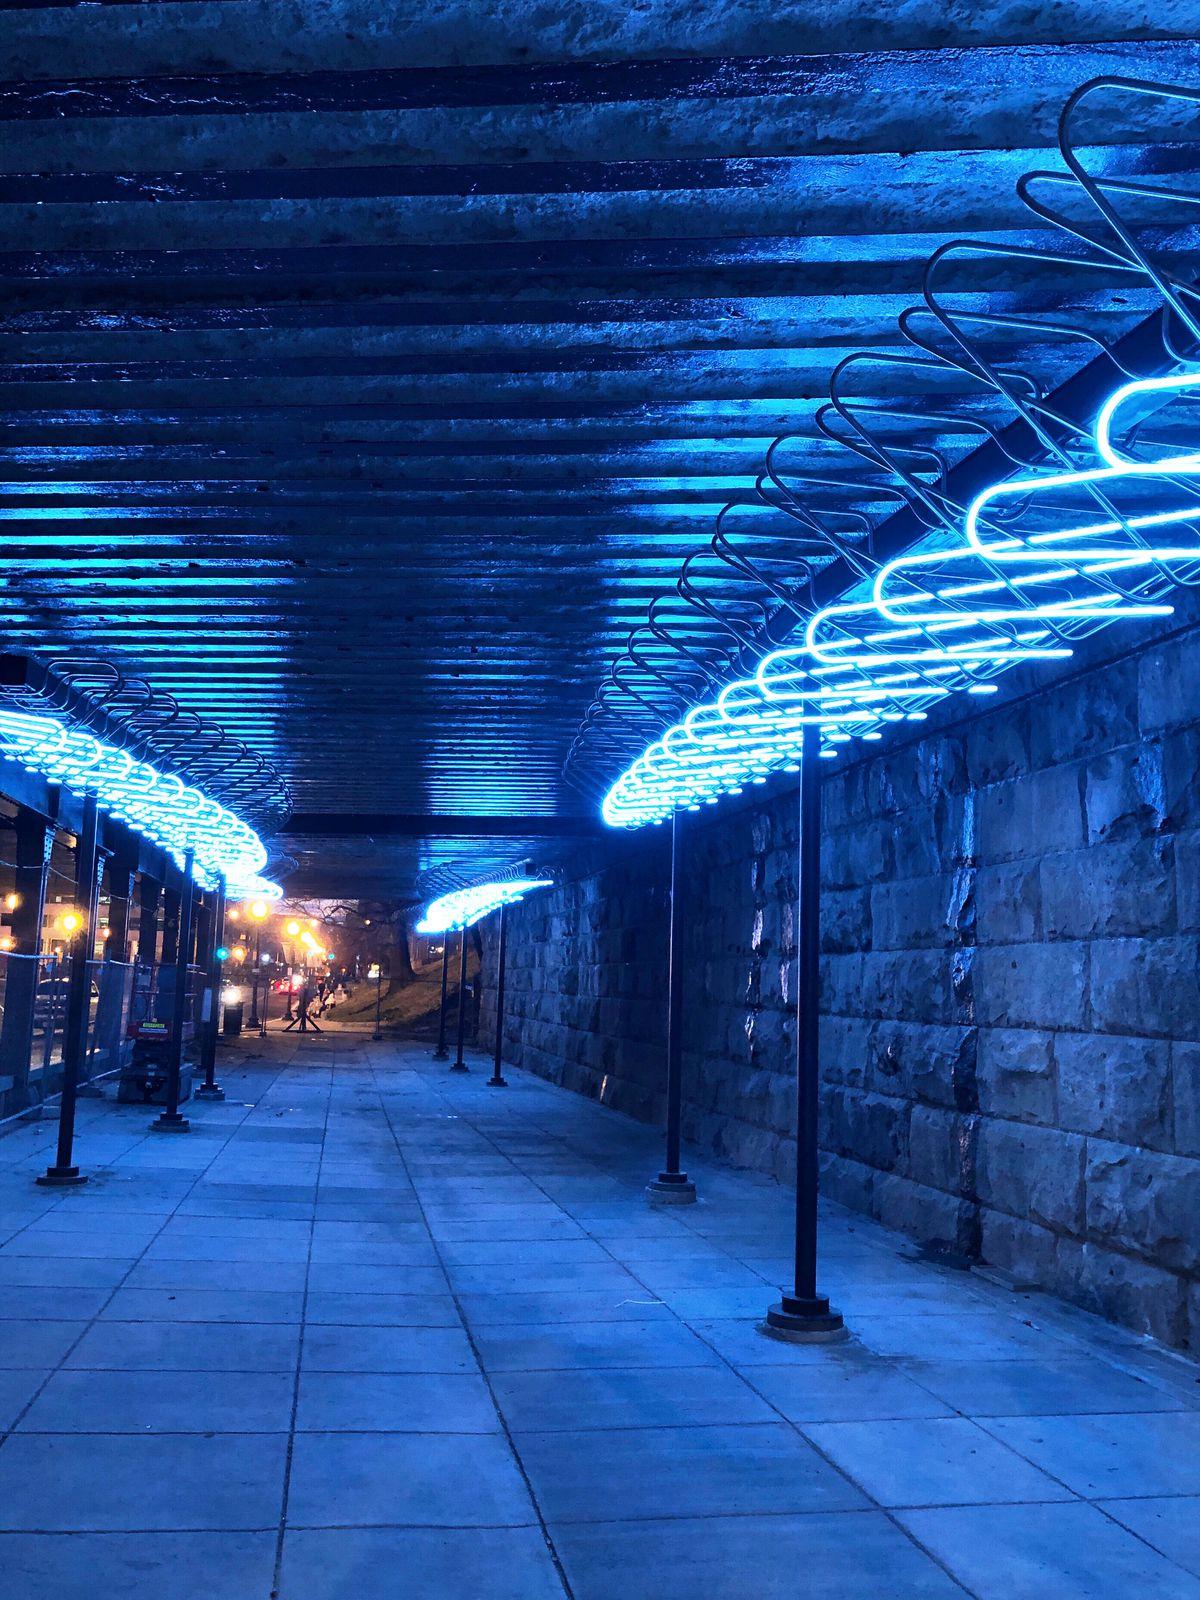 D C Public Art Noma Rail Underp Lights Up For